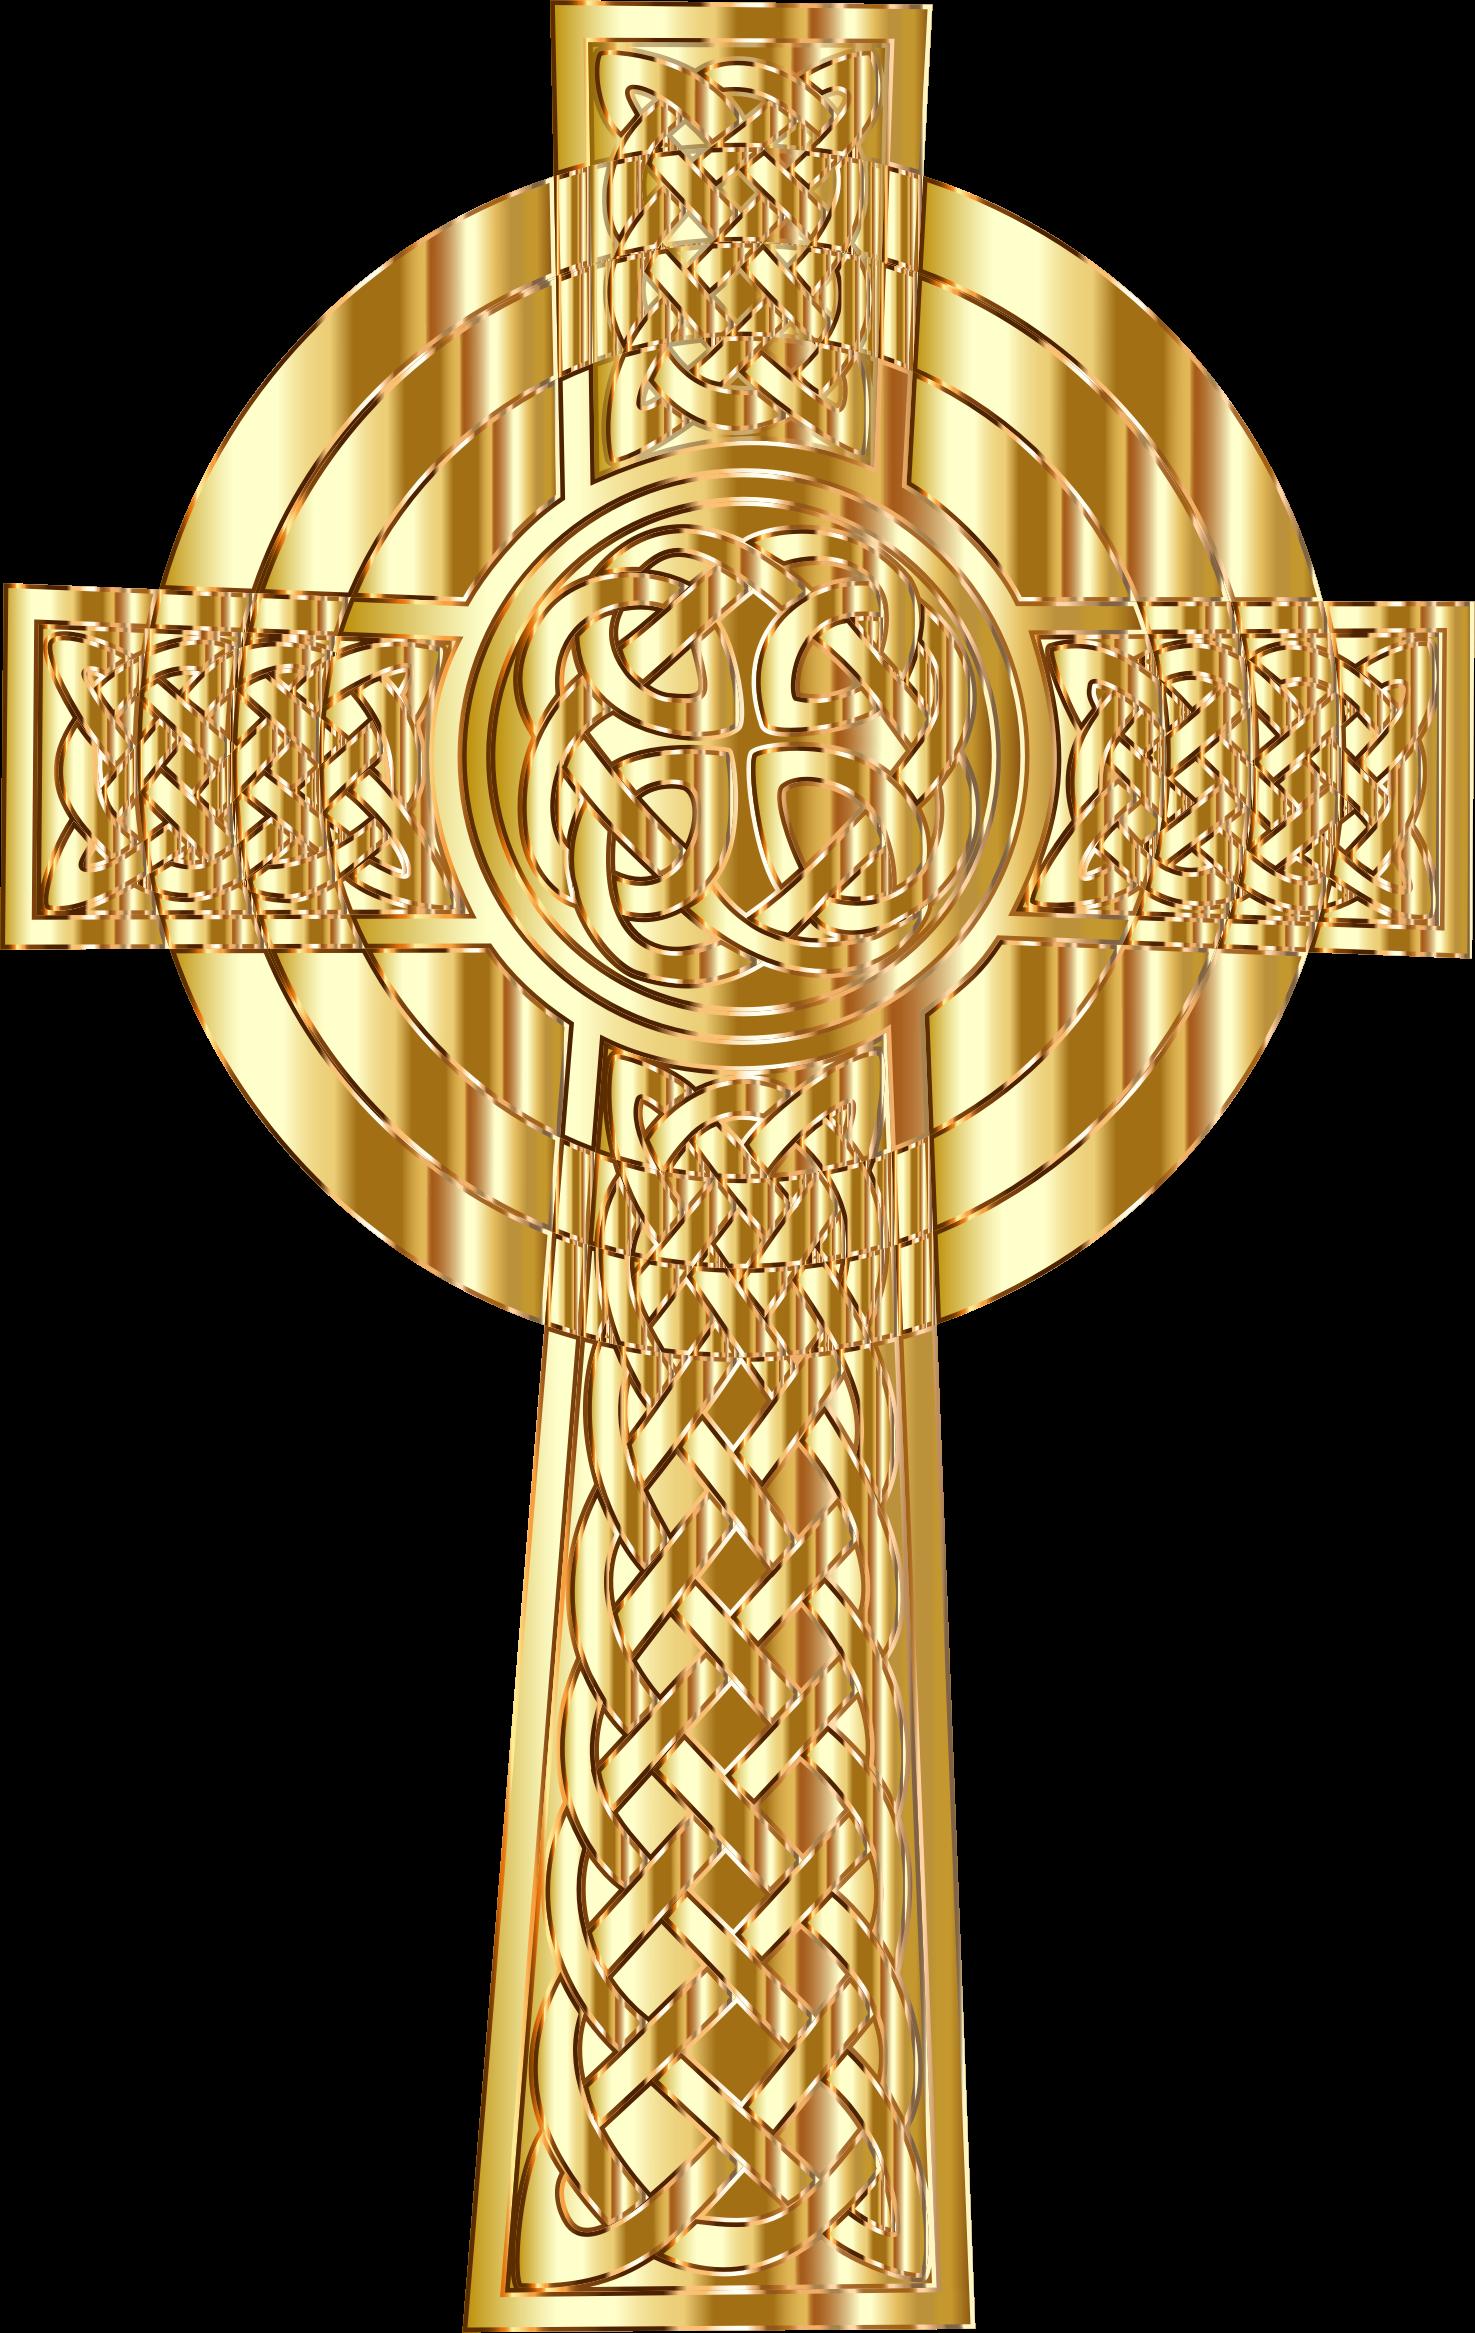 Clipart - Golden Celtic Cross 2